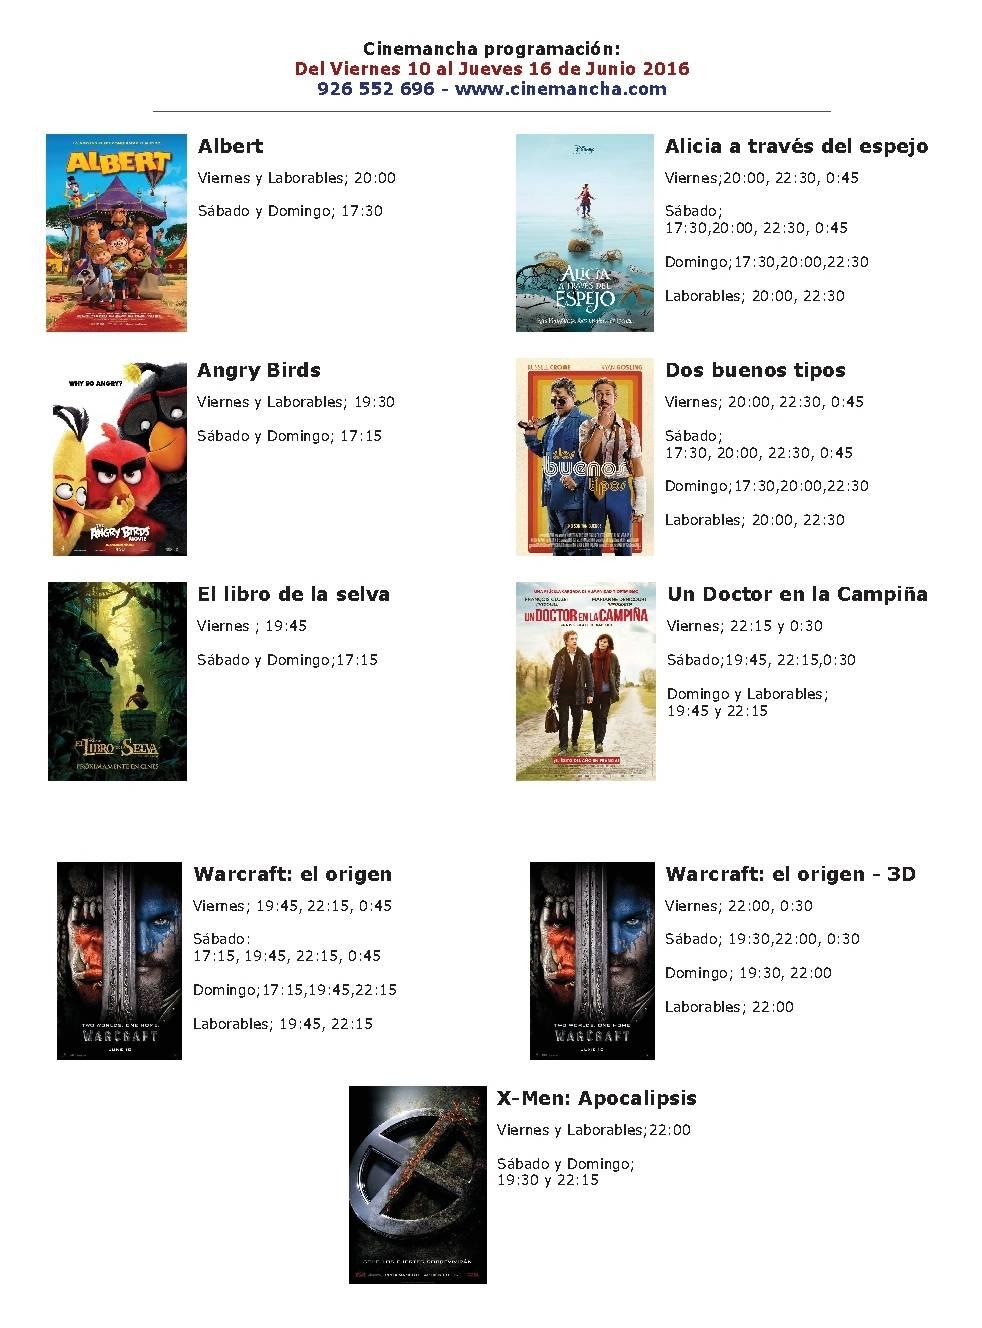 Cartelera Cinemancha del 10 al 16 de junio 1